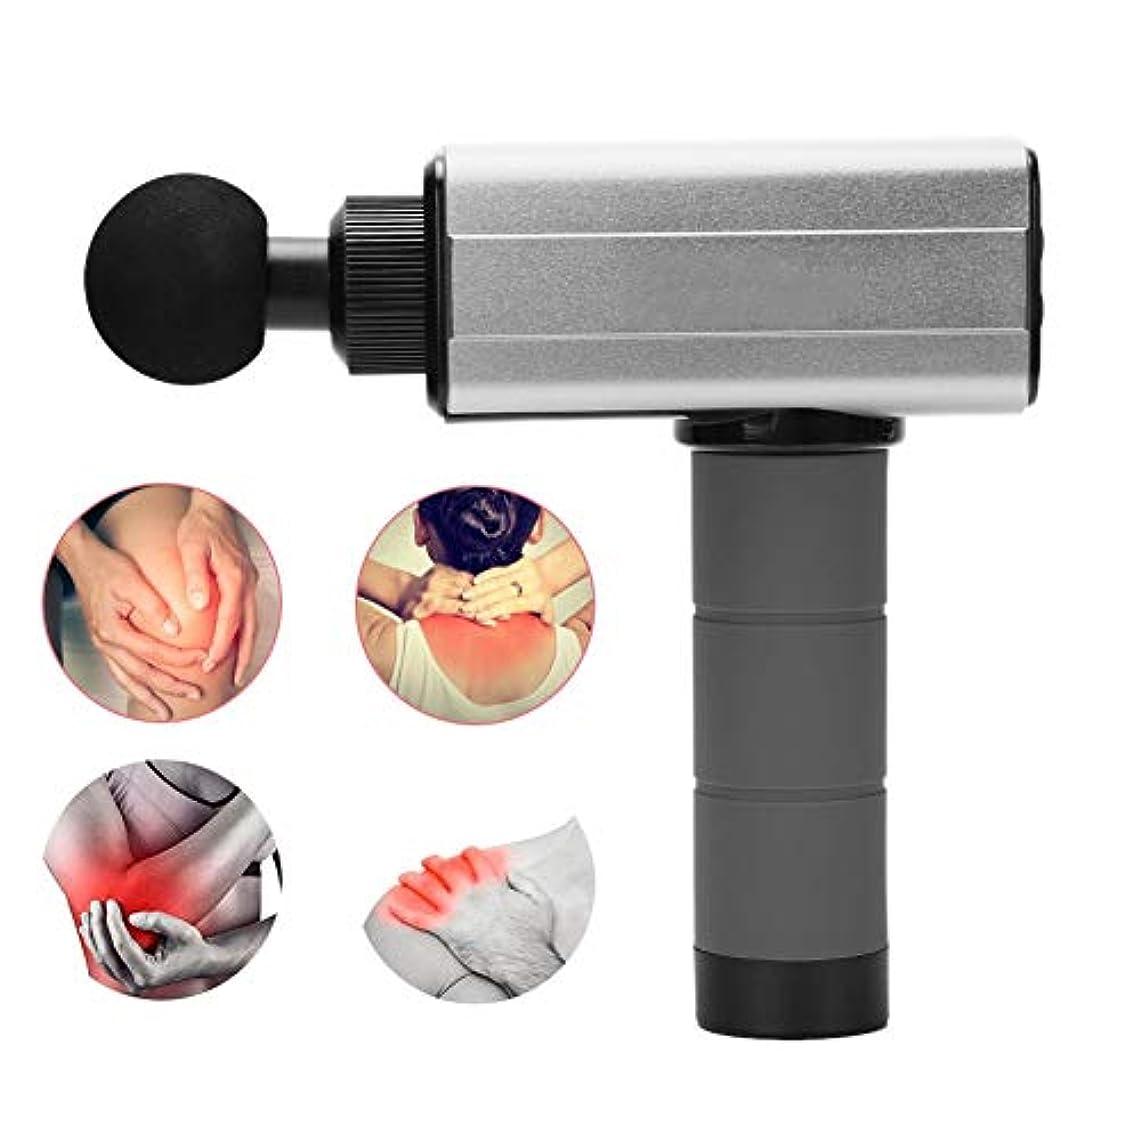 言語方向め言葉プロの筋肉マッサージ装置ハンドヘルドコードレスパーカッションマッサージツールディープティッシュ筋肉筋膜マッサージボディリラクゼーション痛みリリーフマッサージ(110-240V-銀)